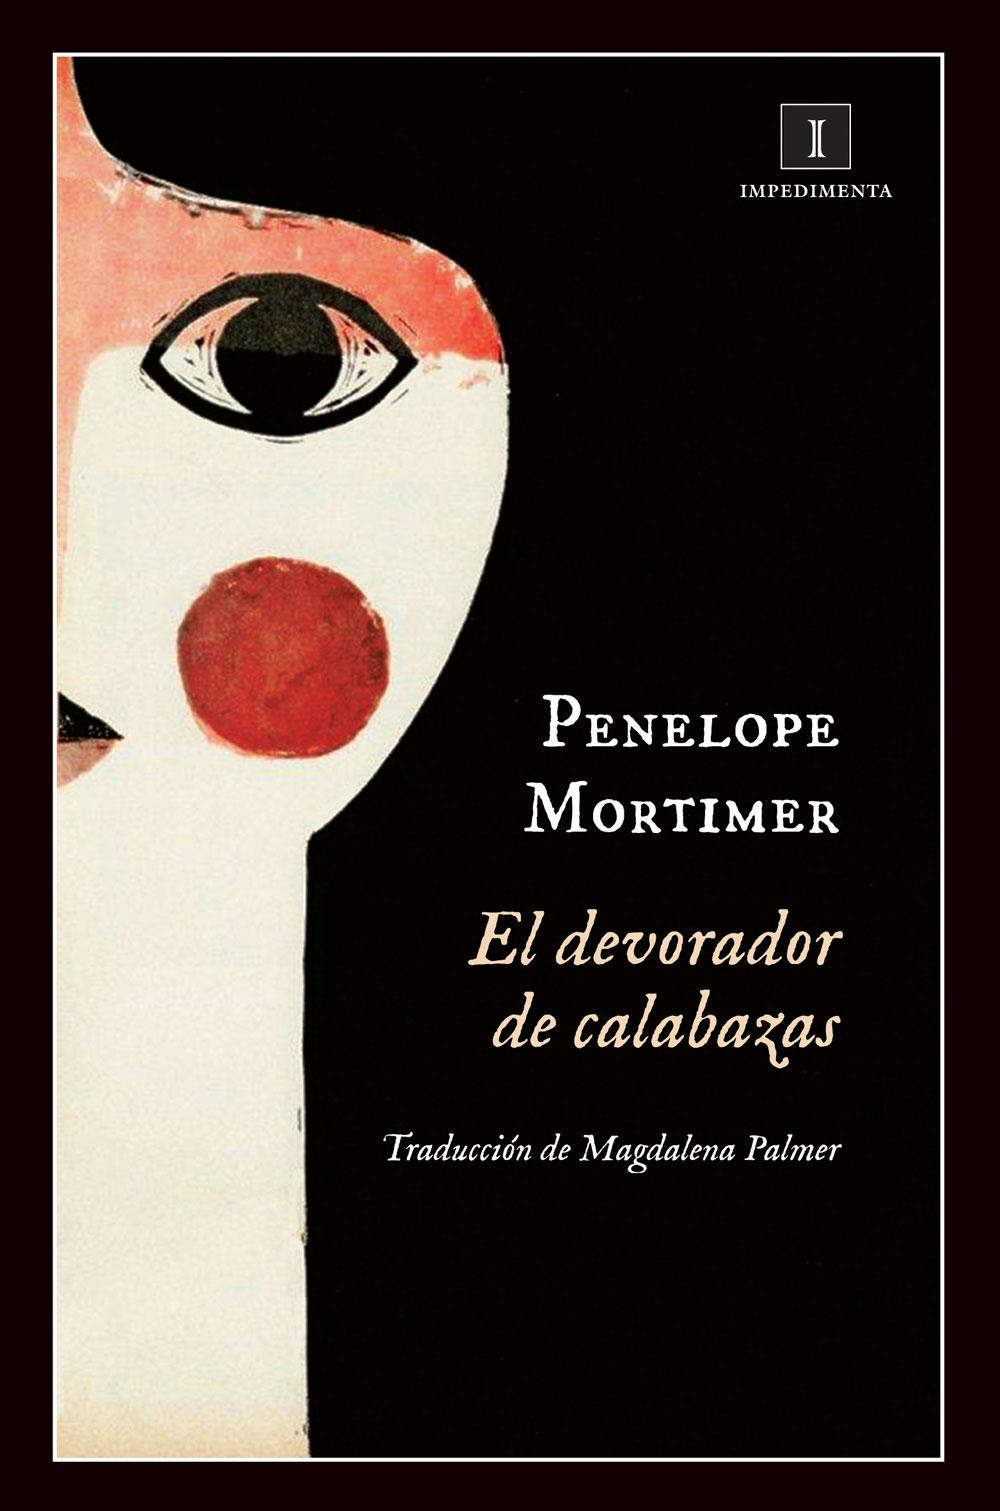 Novedad: 'El devorador de calabazas' de Penelope Mortimer